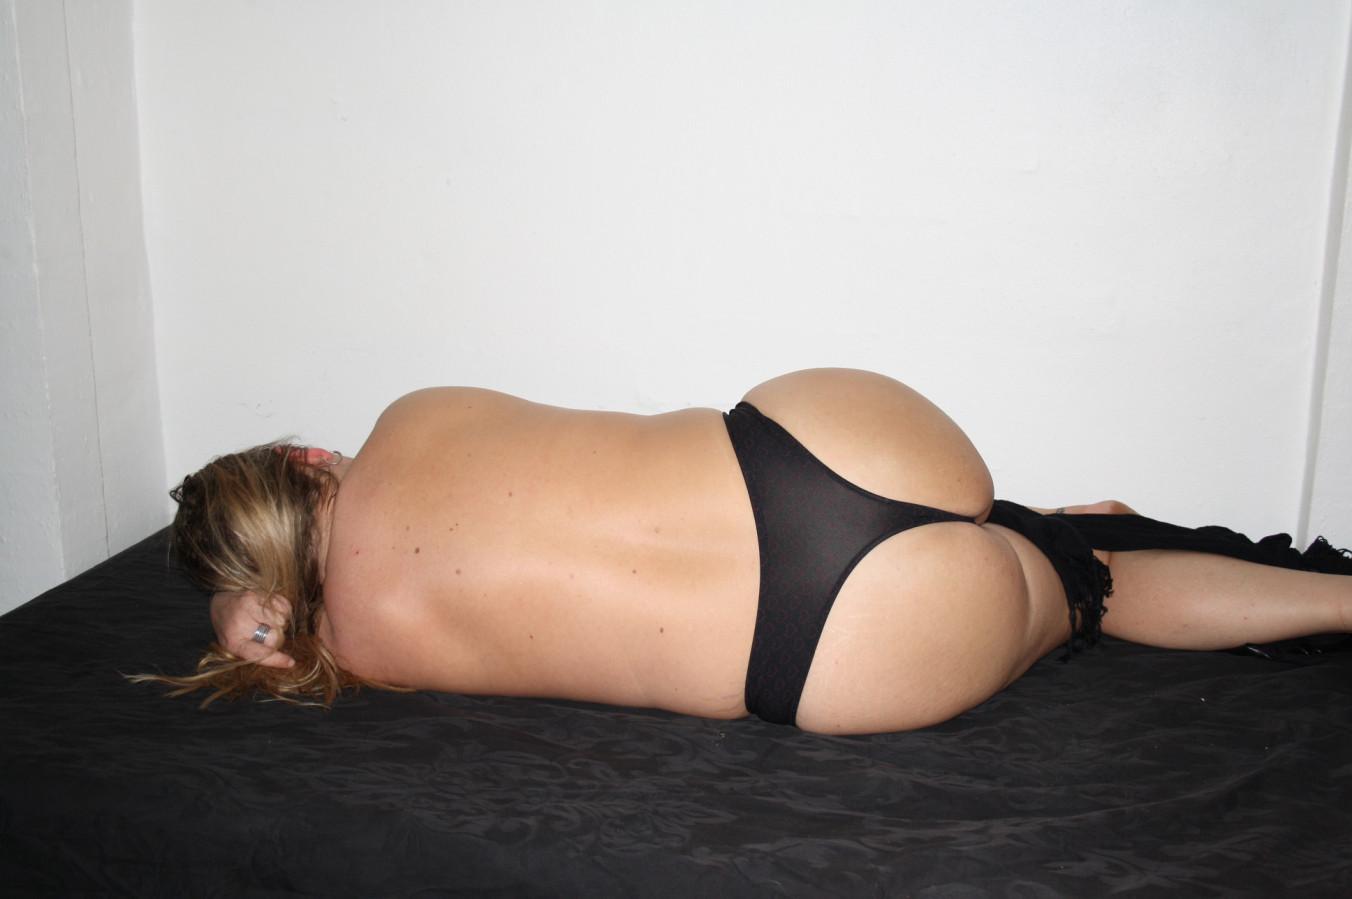 bøsse billig sex massage og escort guide